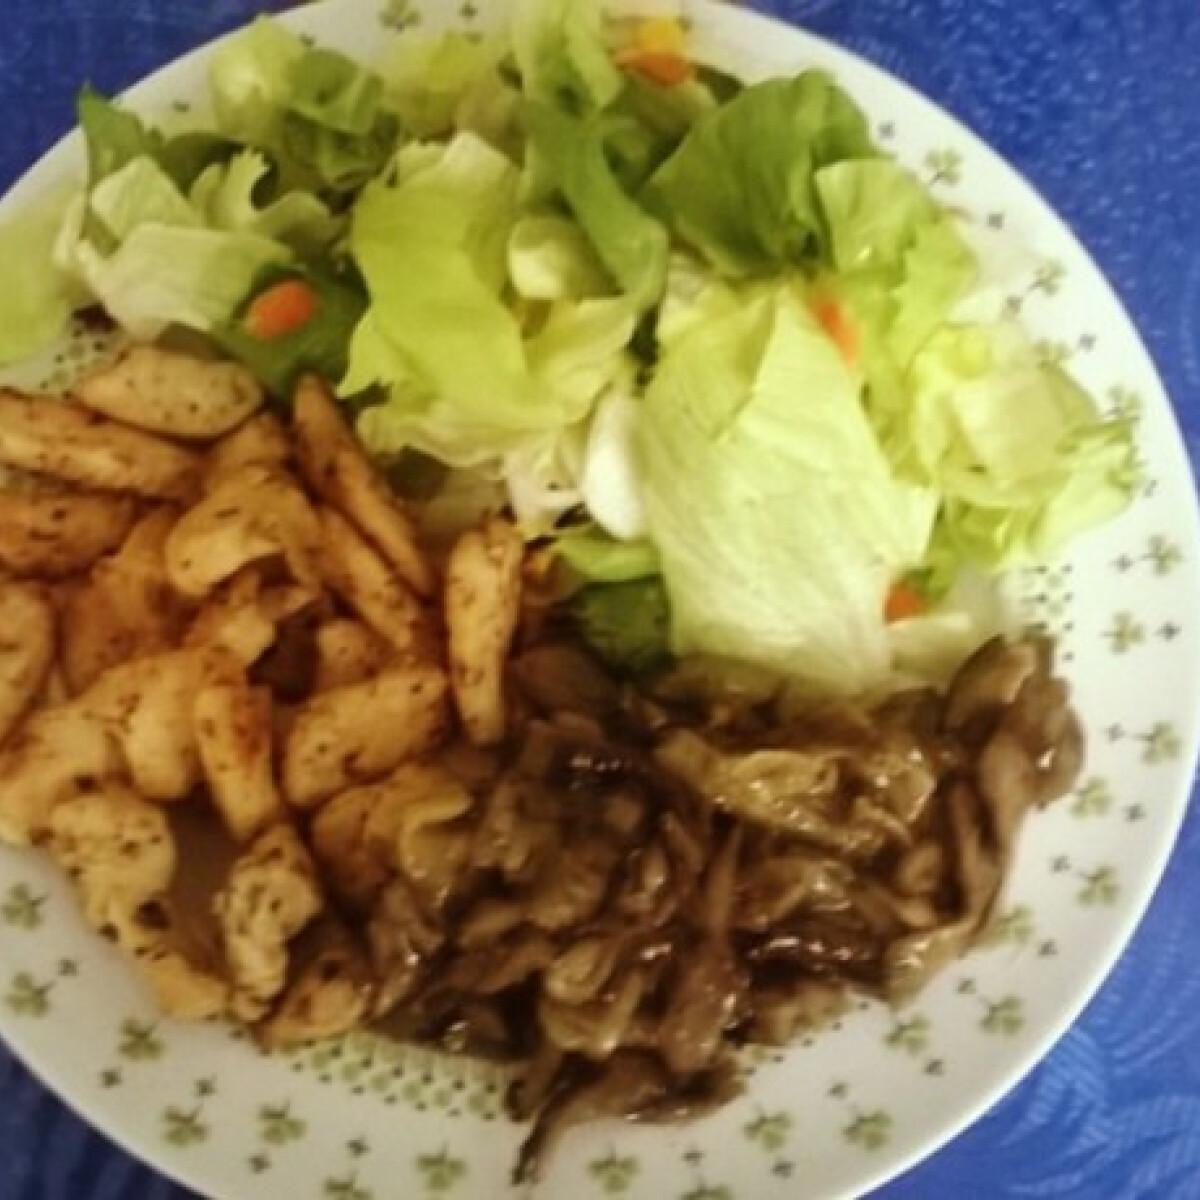 Fűszeres csirkemellcsíkok párolt gombával salátaágyon